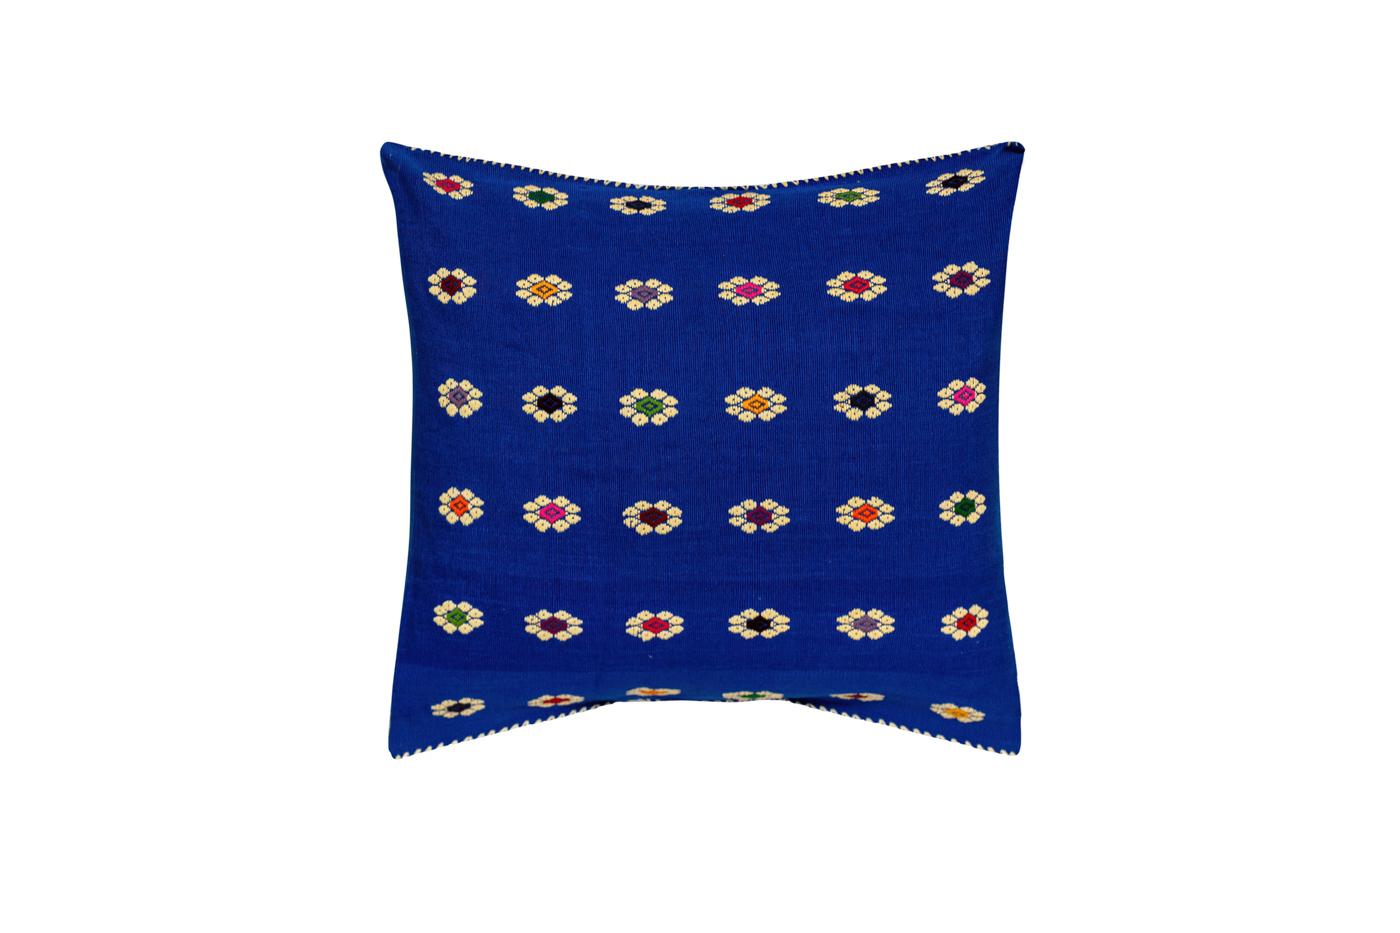 Cojín Mexicano en algodón con patrones florales